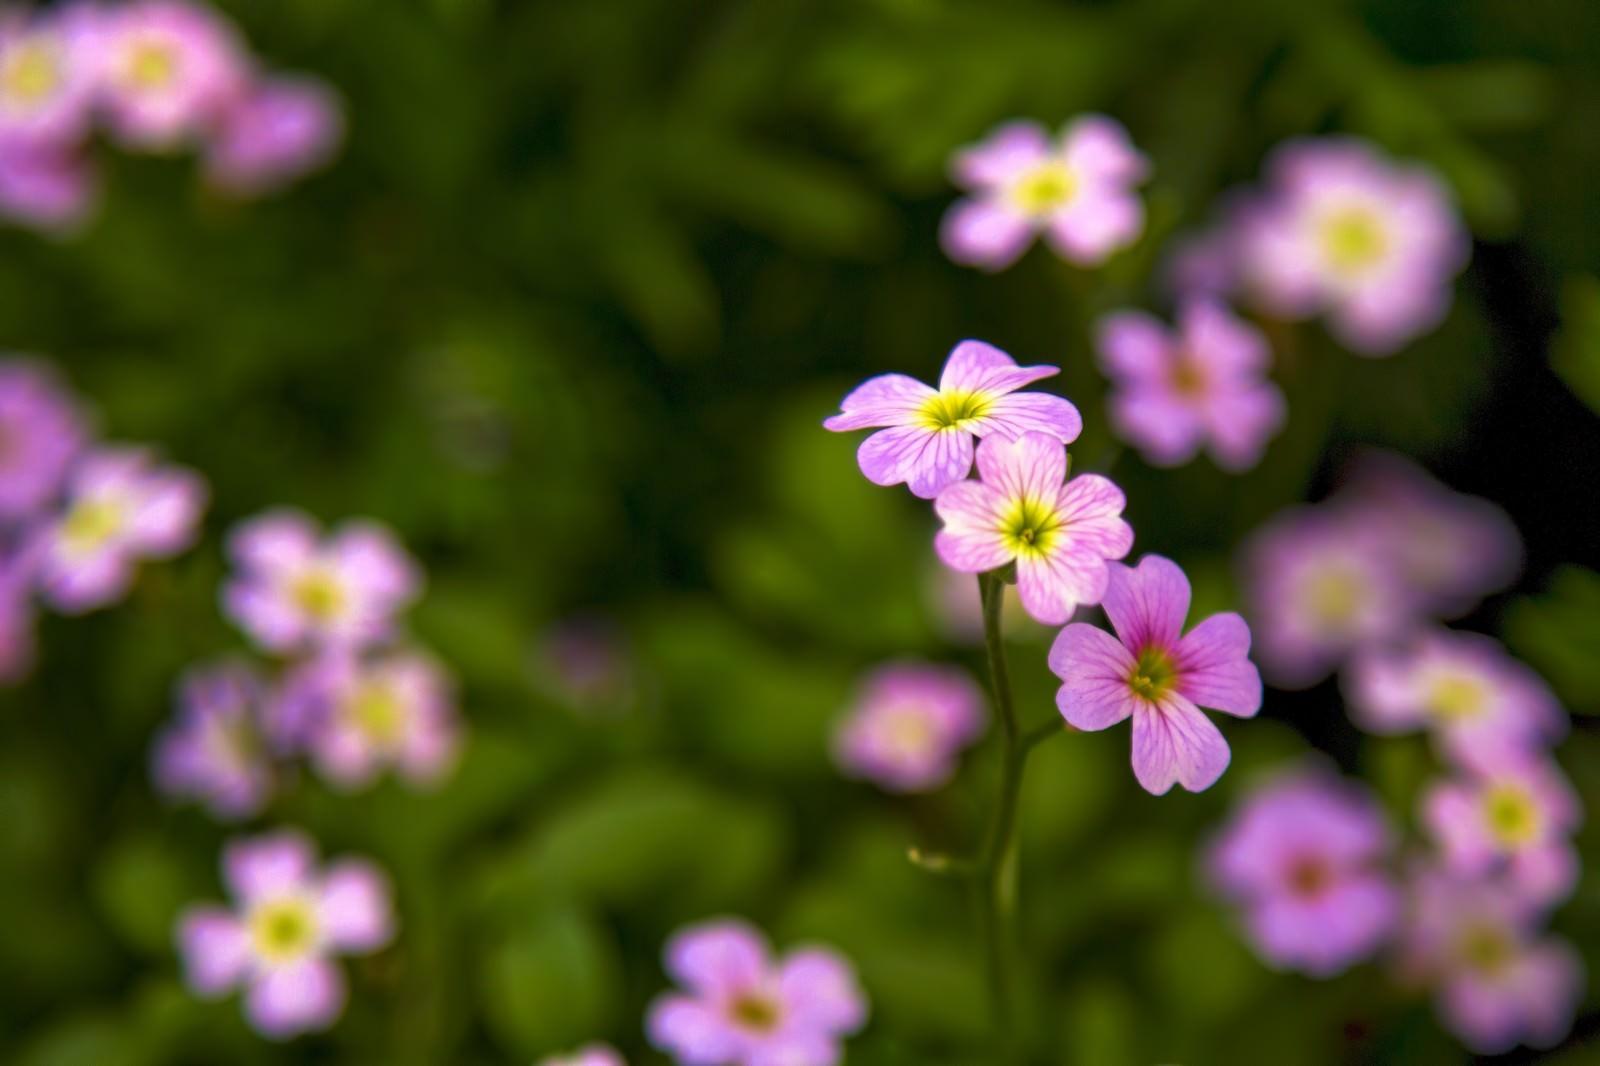 「小さく咲くピンクの花」の写真